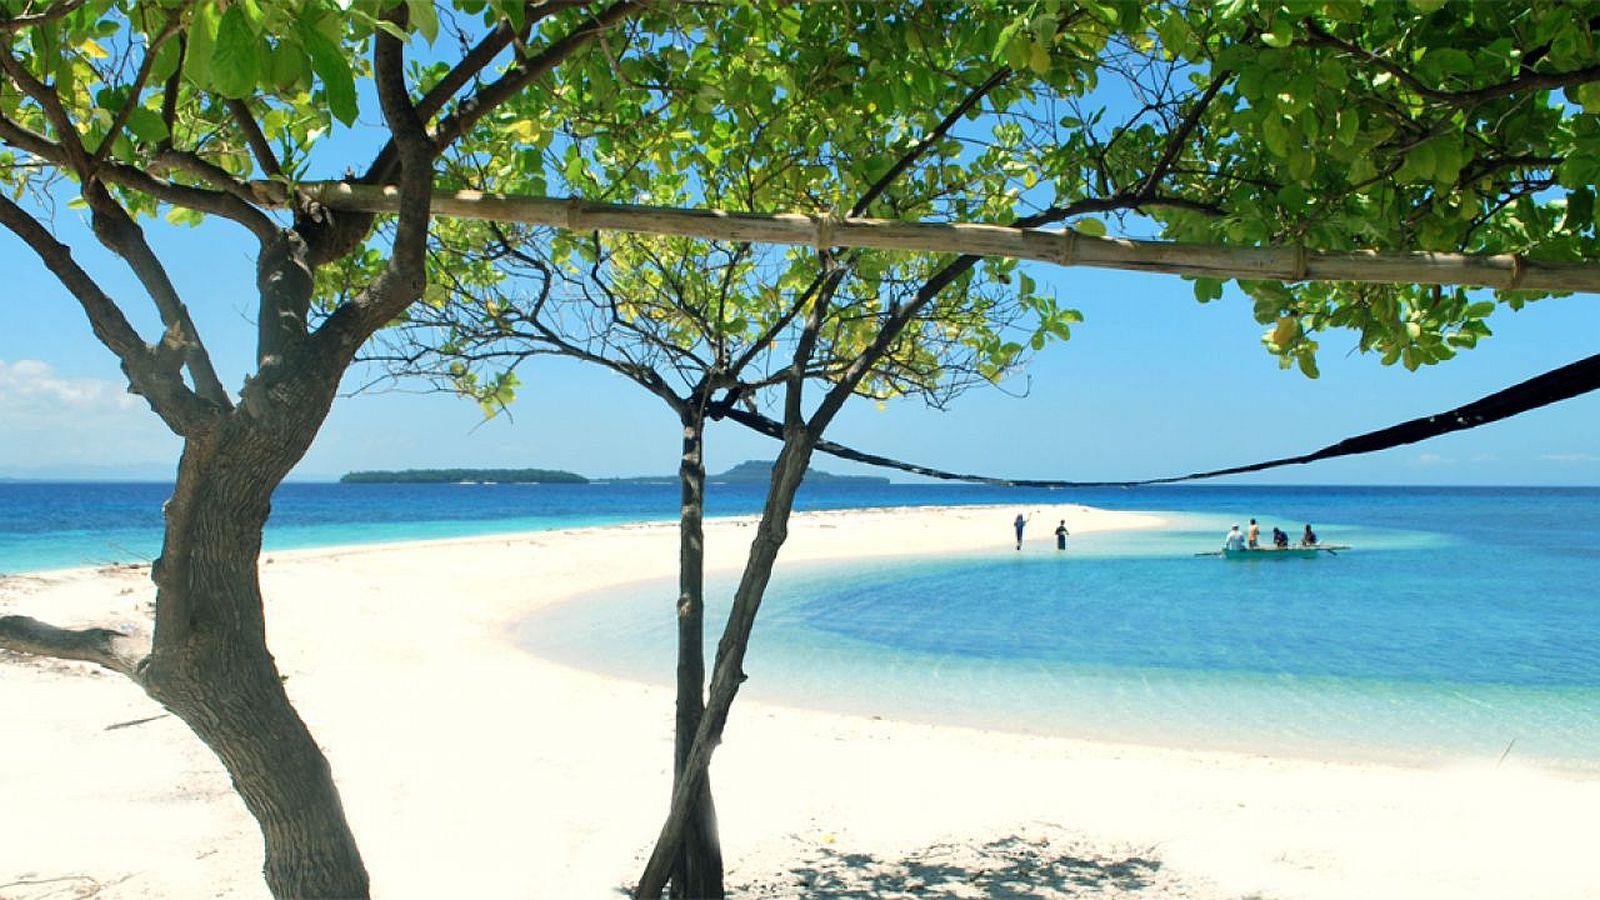 PHILIPPINEN REISEN - ORTE - LEYTE - LEYTE - Touristische Ortsbeschreibung für Hindang